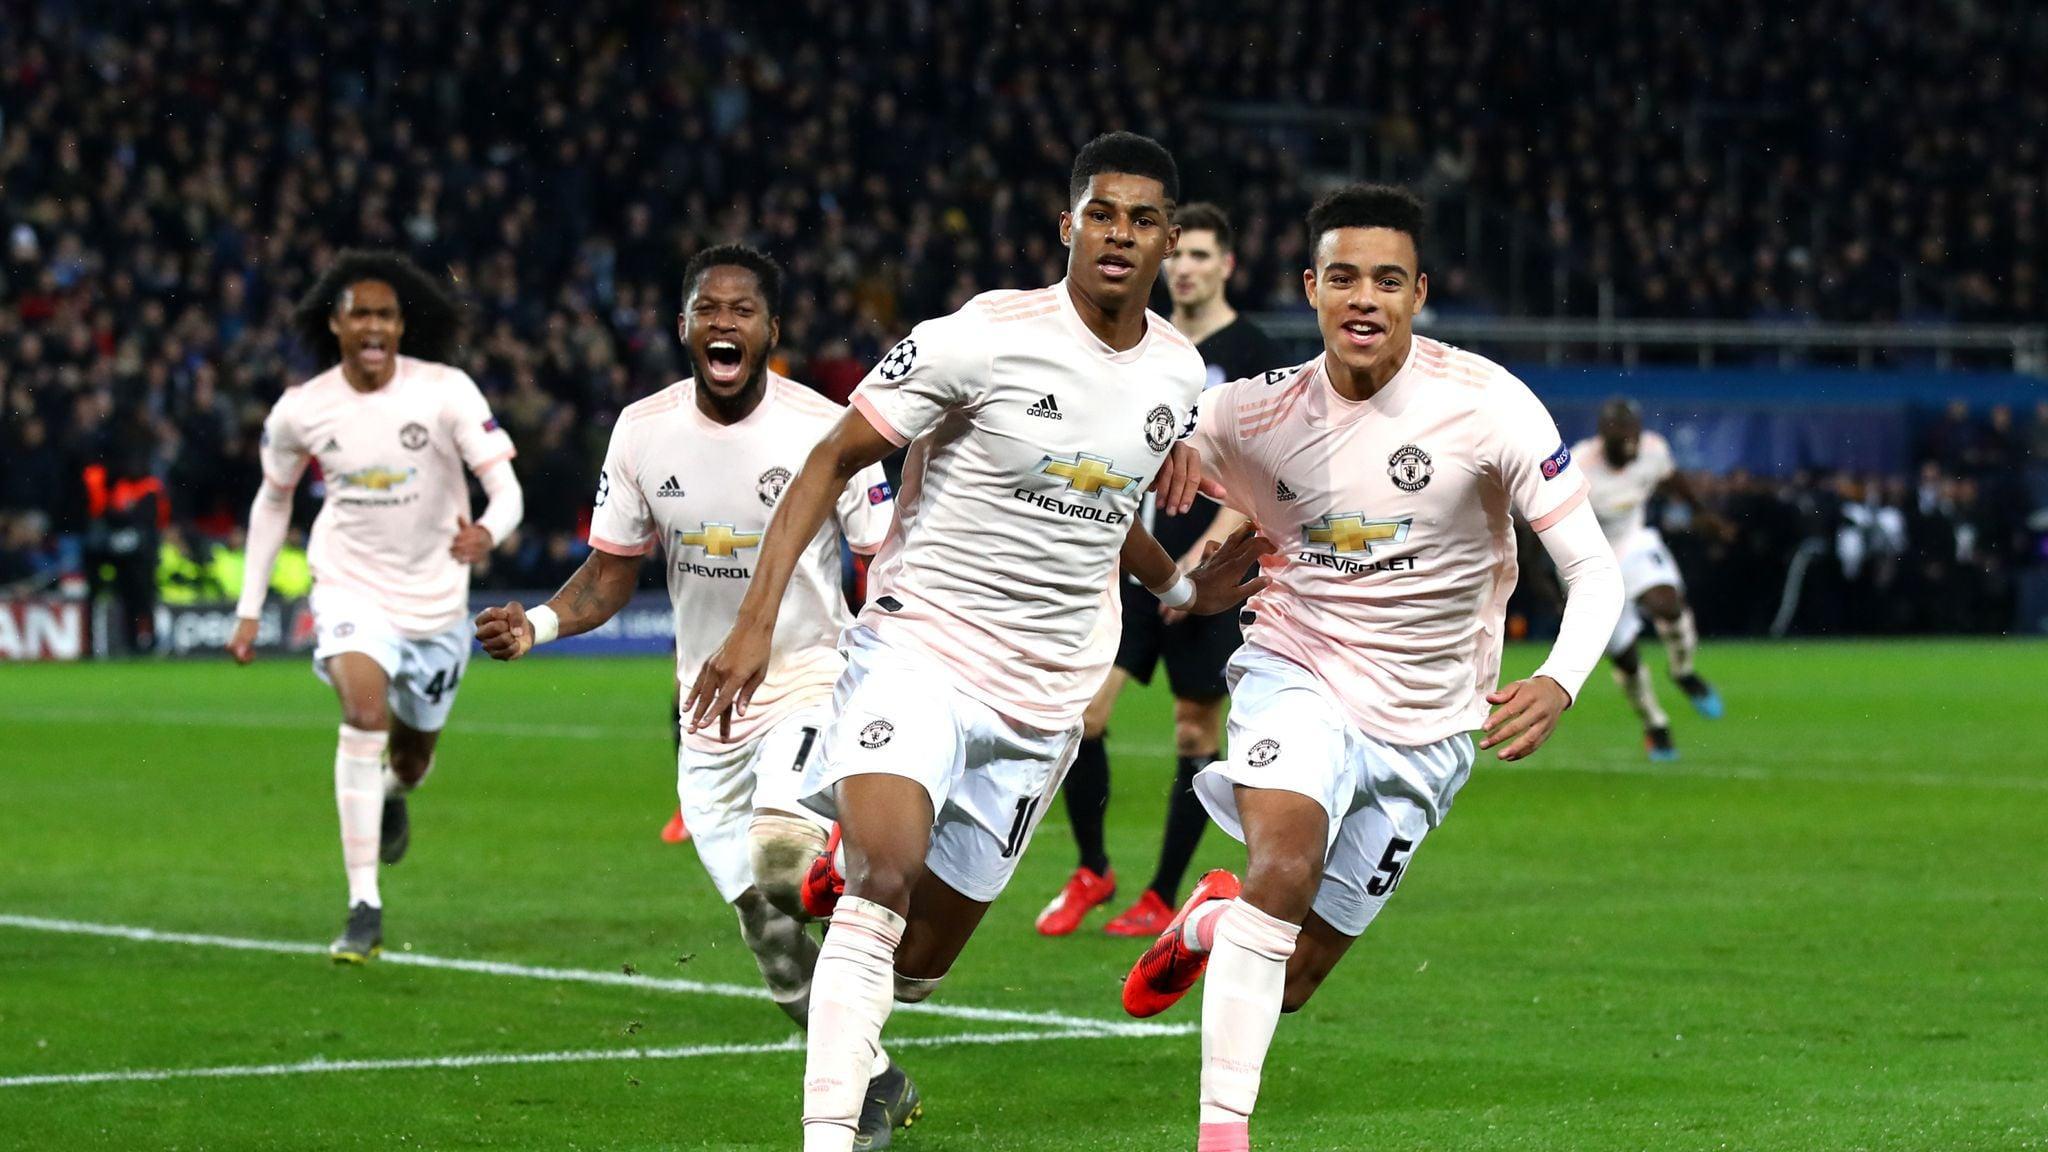 Man United giành chiến thắng trong lần đối đầu gần nhất giữa hai đội